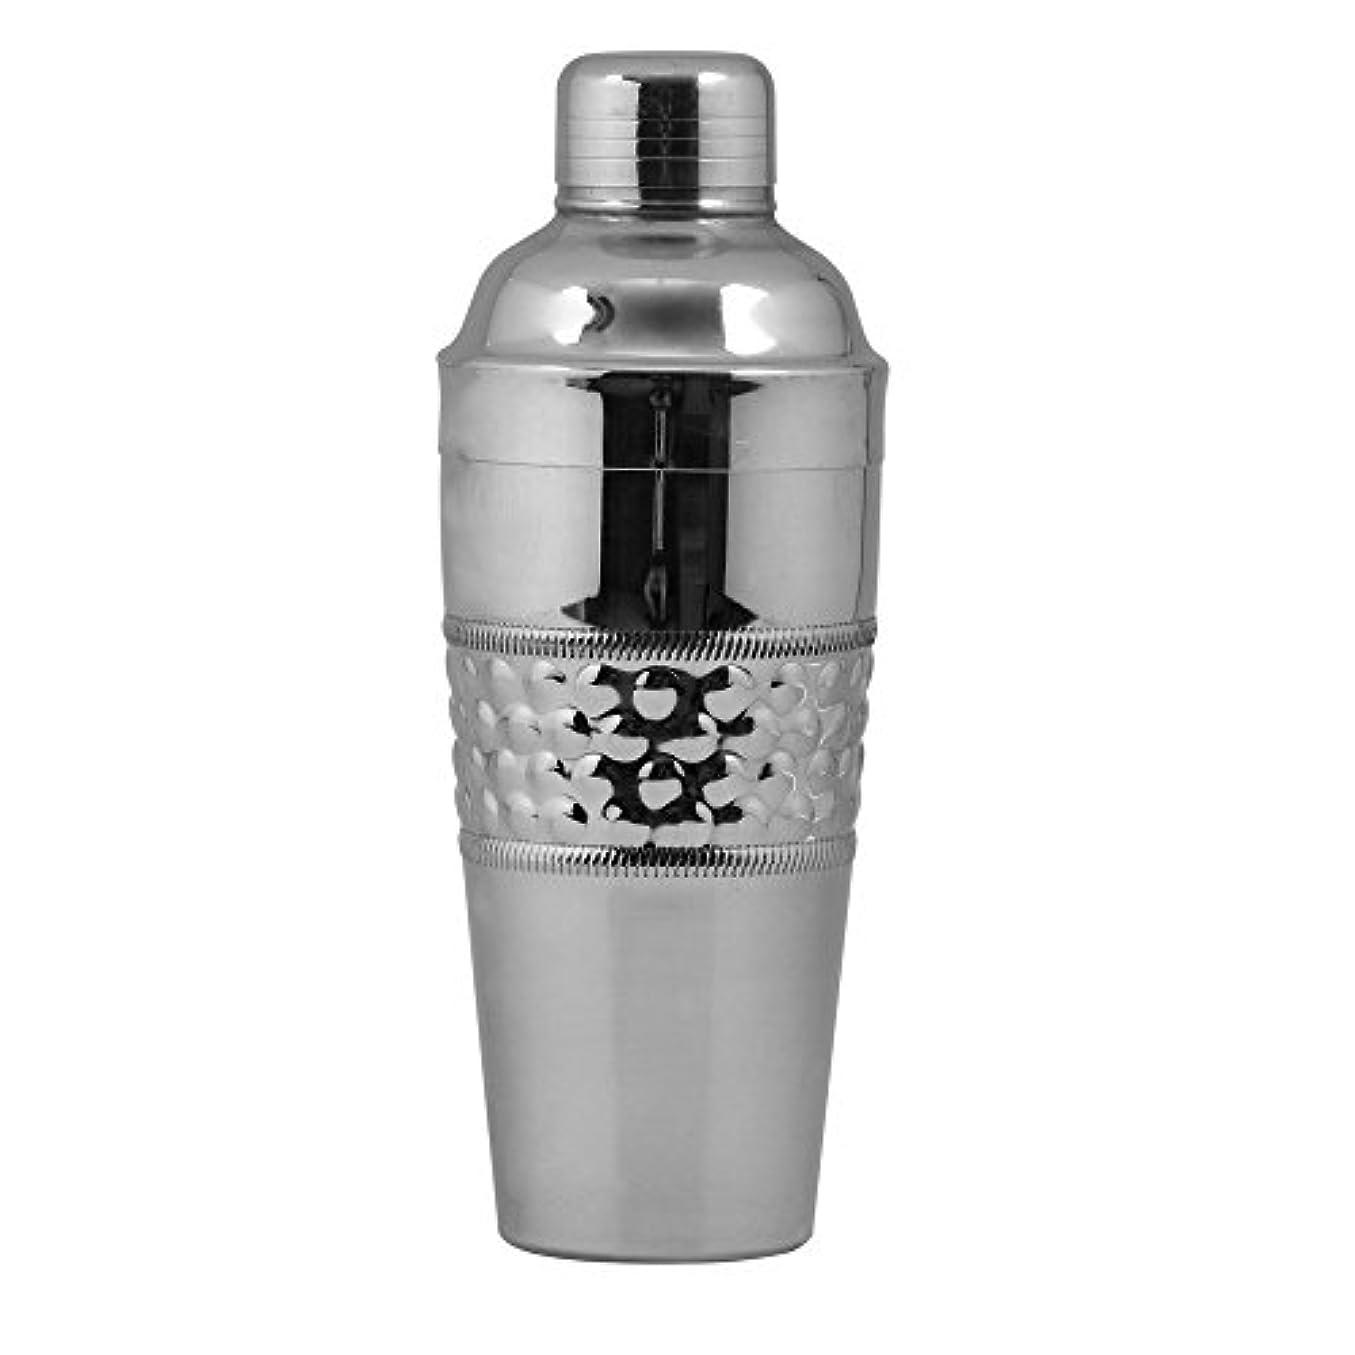 センサー測定可能ヒープKosma Designer Cocktail Shakerステンレススチールdeluxe- 750 ml – (バブル効果) 750ml center シルバー KG-22057